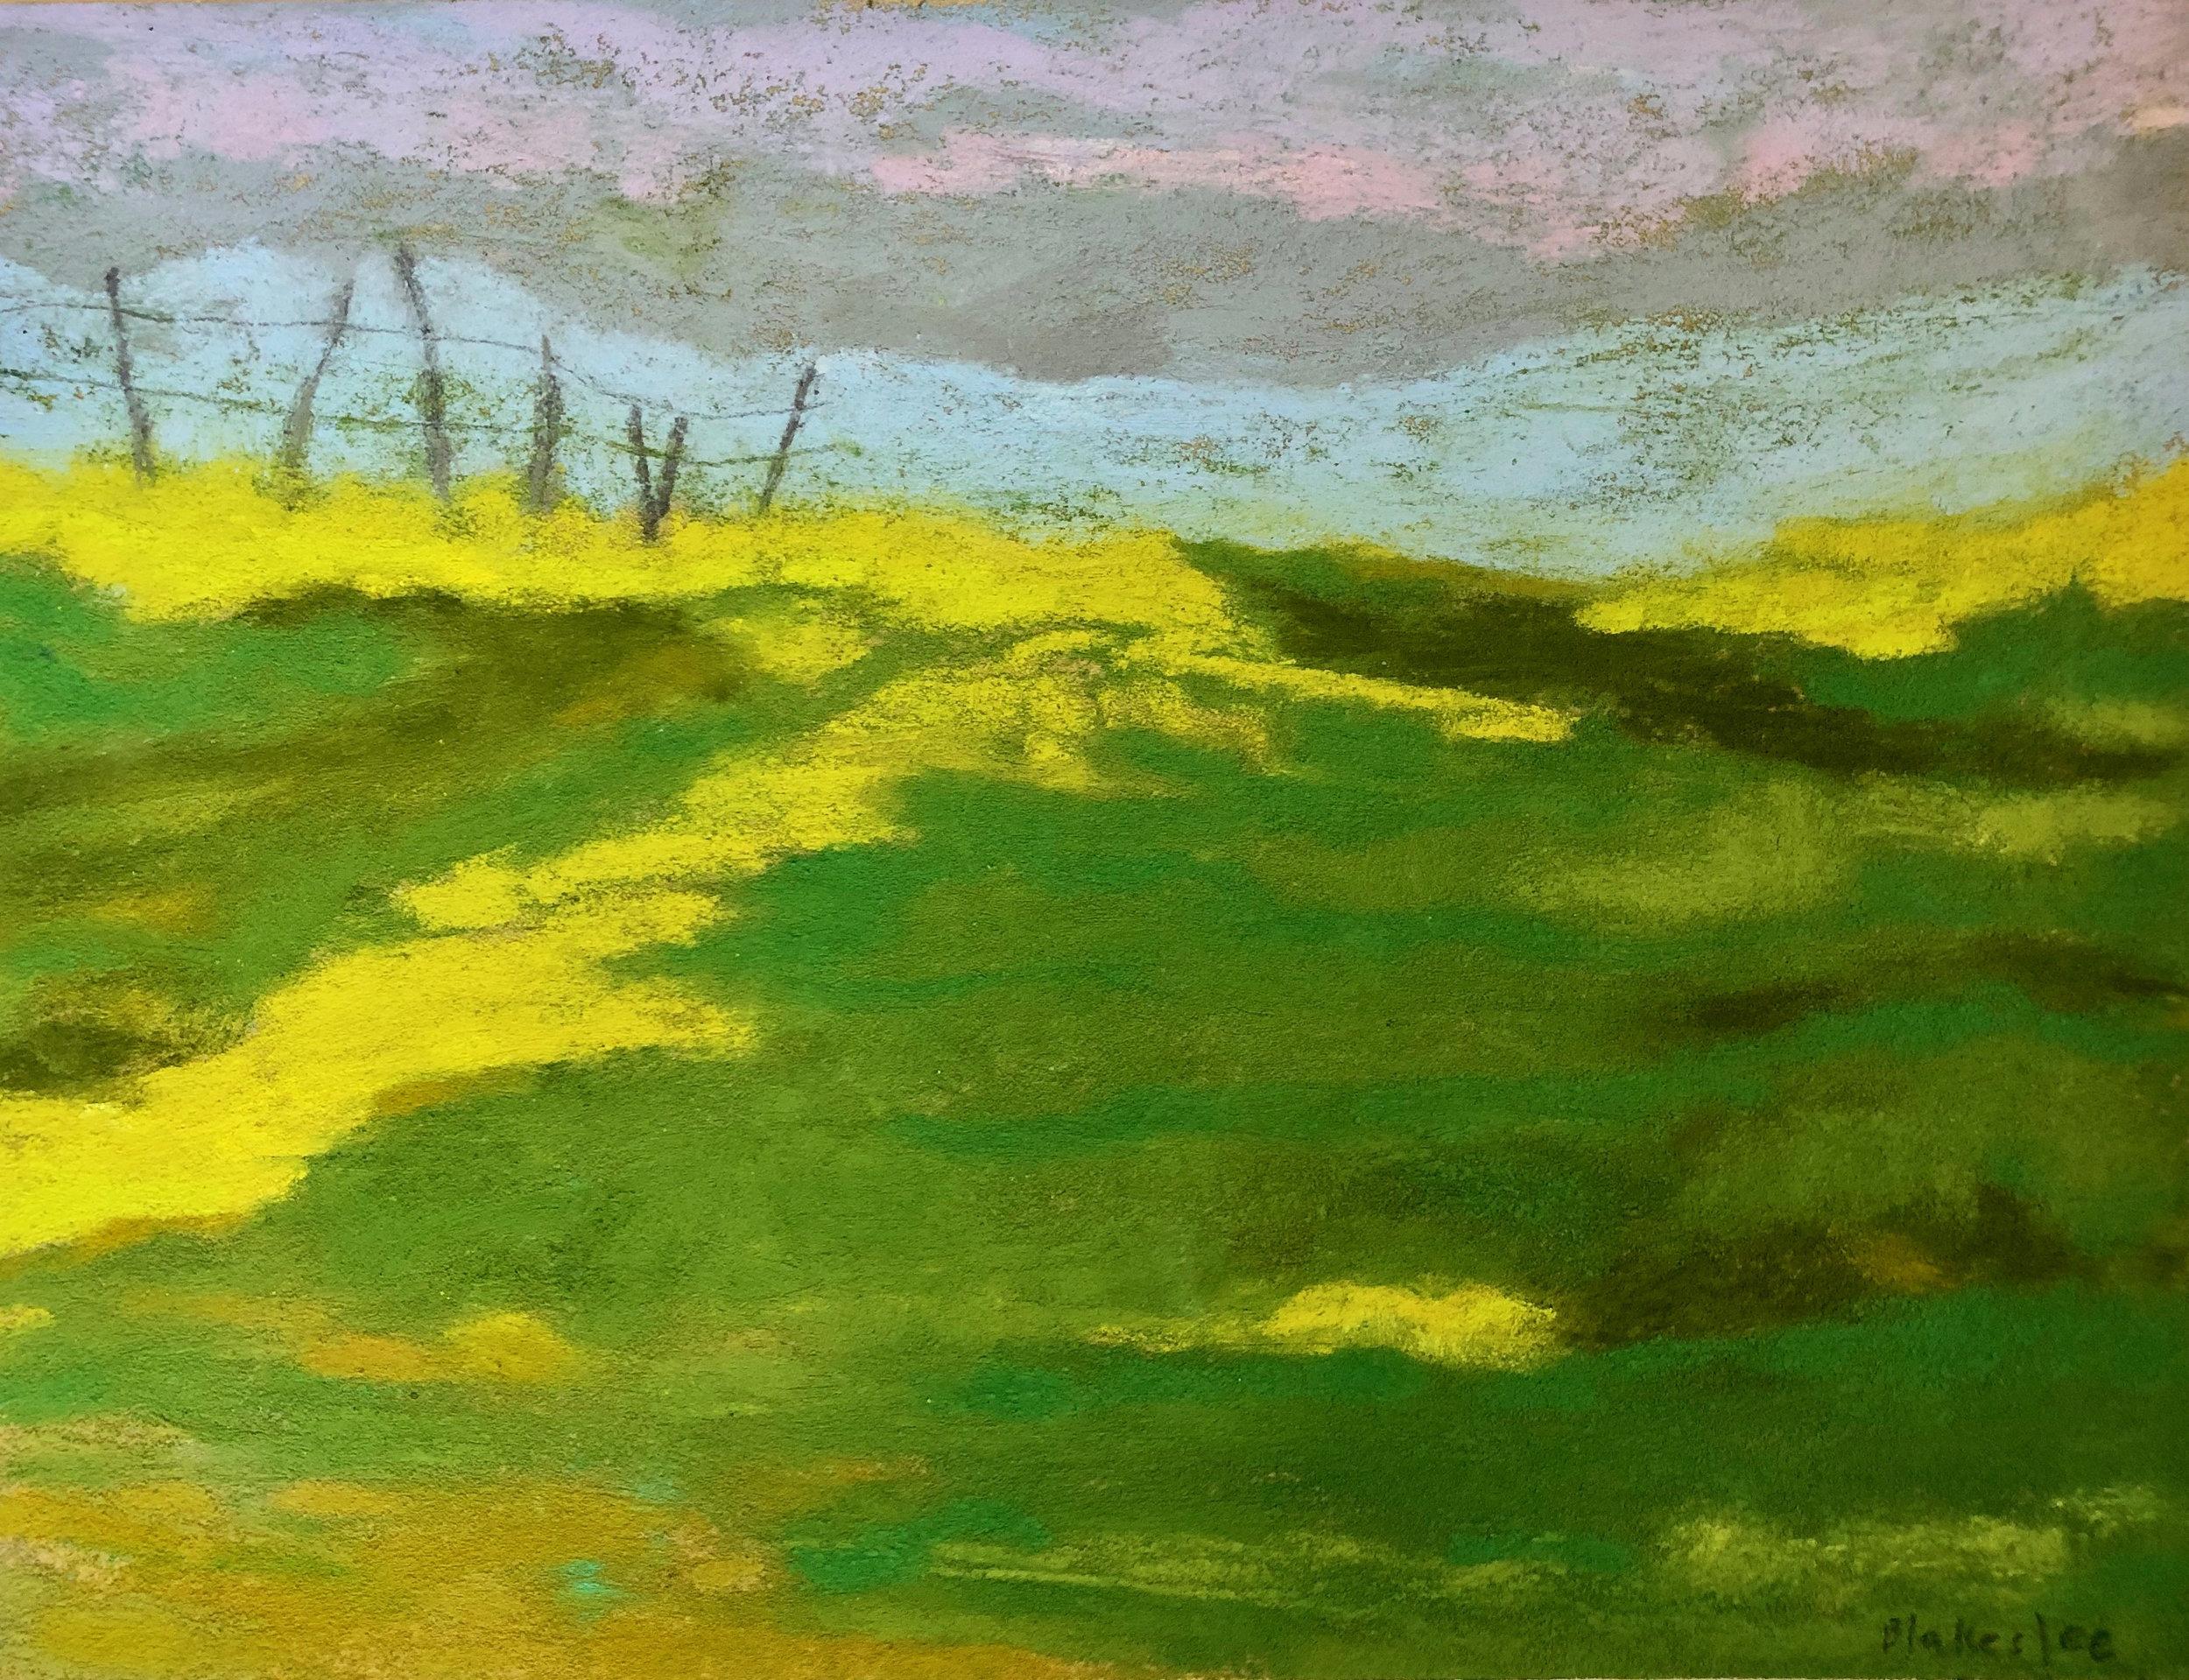 Chileno Valley Landscape